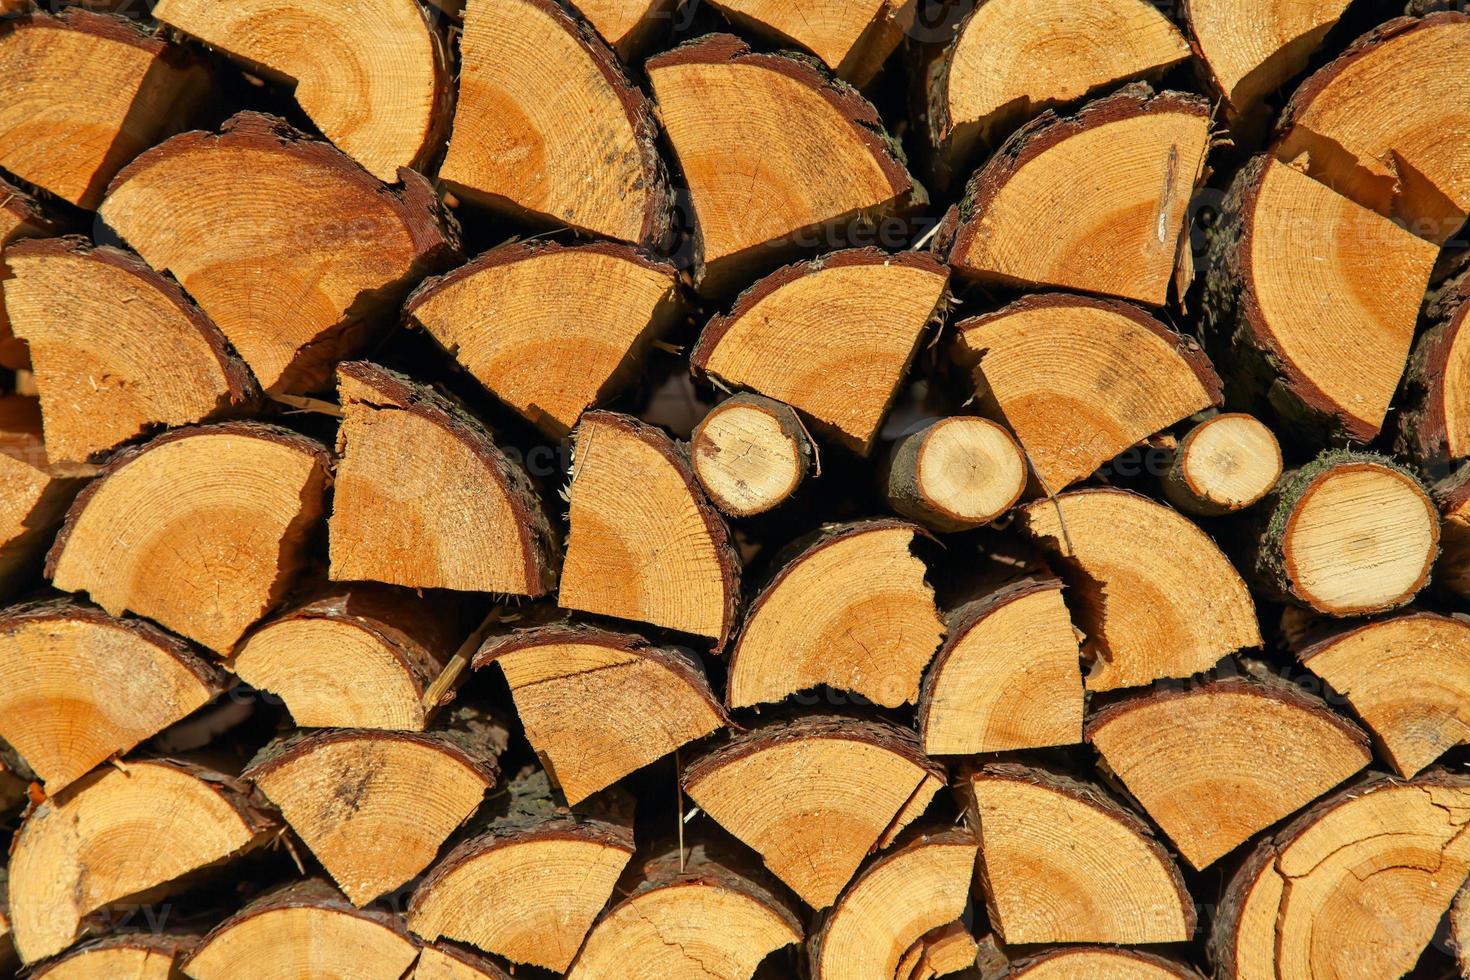 gestapeld gehakt hout voor de winter of constructie als achtergrond foto